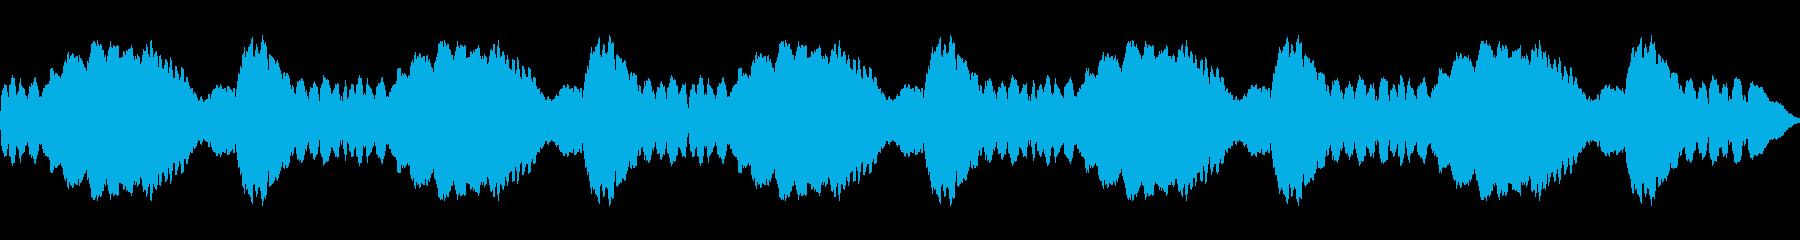 サイレン、スロー、ファイヤートラッ...の再生済みの波形